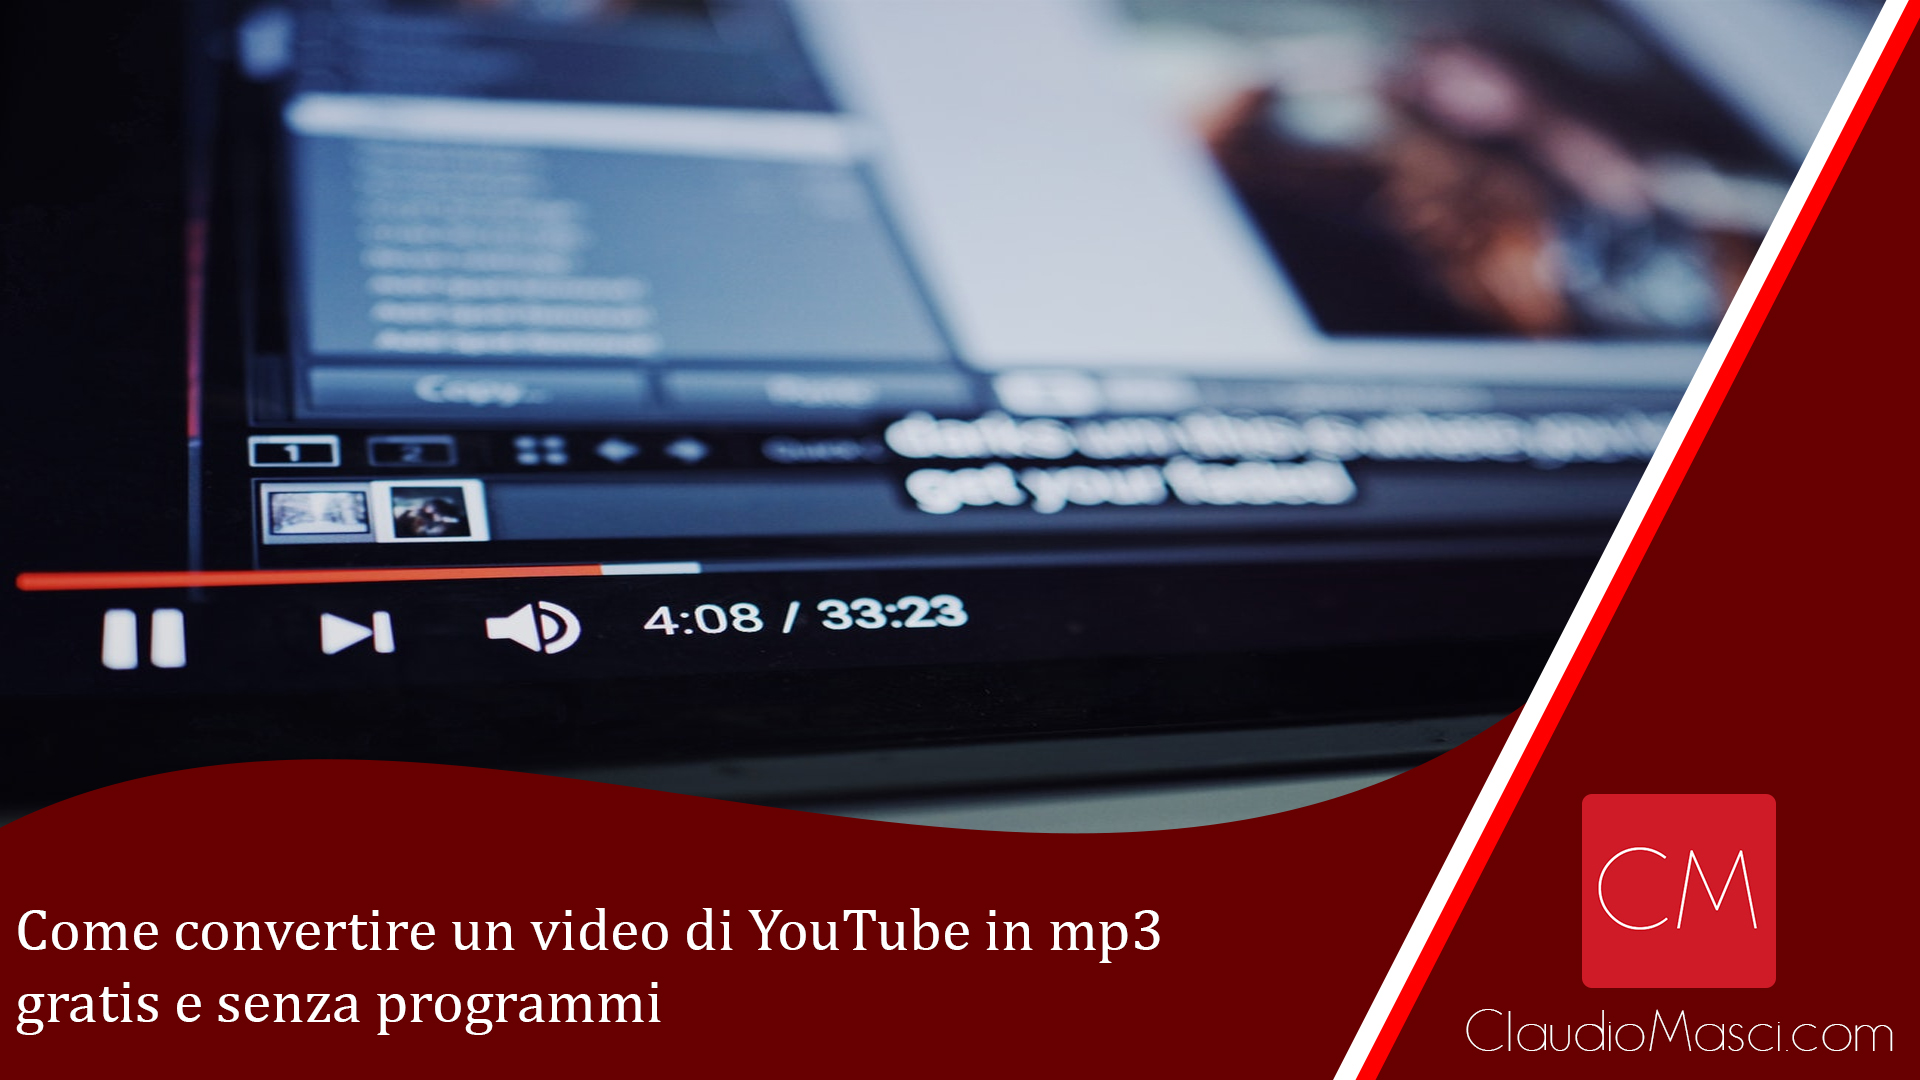 Come convertire un video di YouTube in mp3 gratis e senza programmi